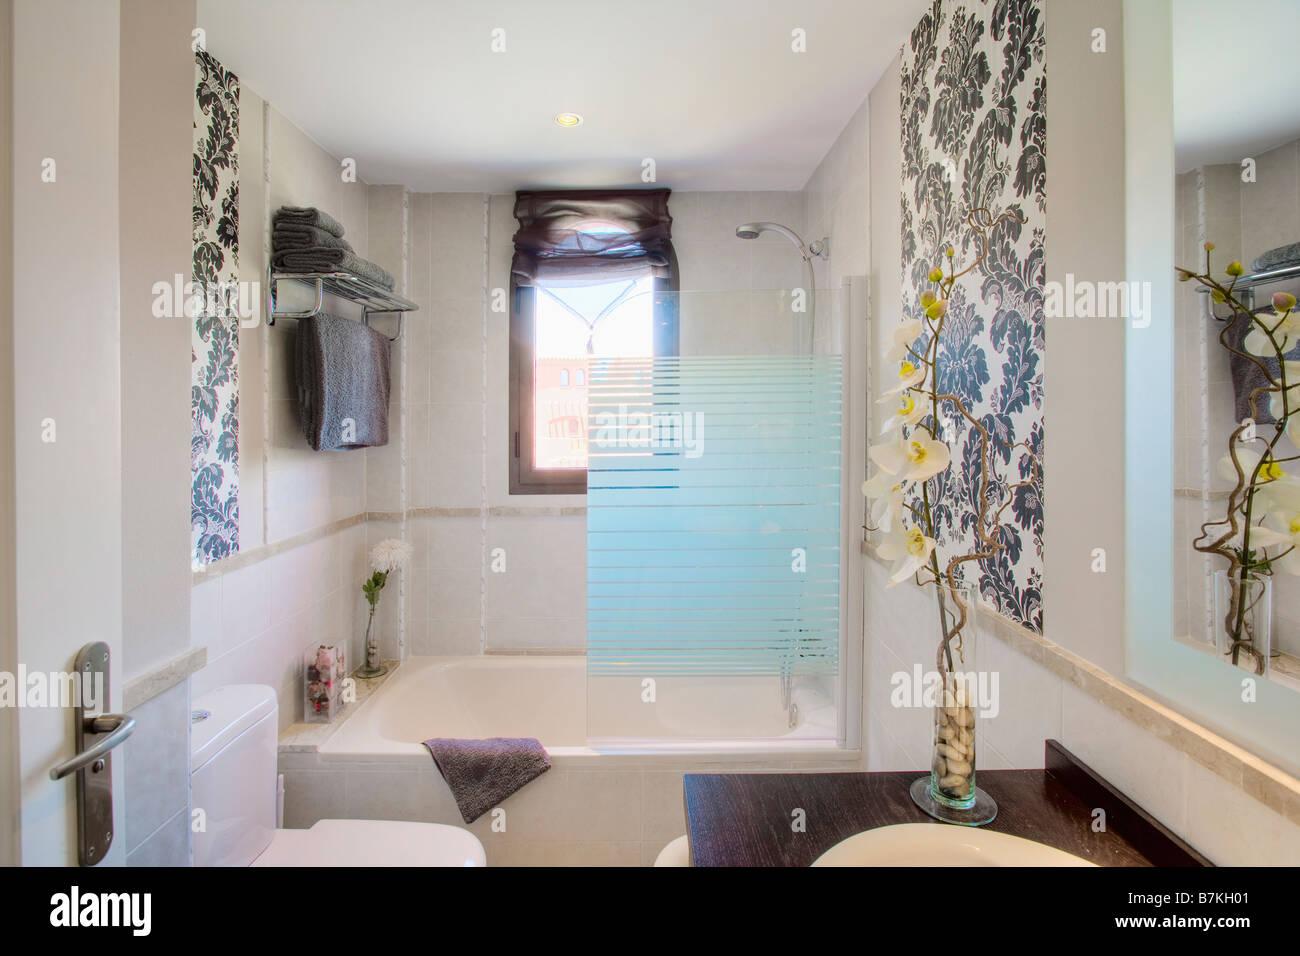 Bagno Moderno Con Vasca Da Bagno : Bagno moderno con gradino la migliore idea di interior design e